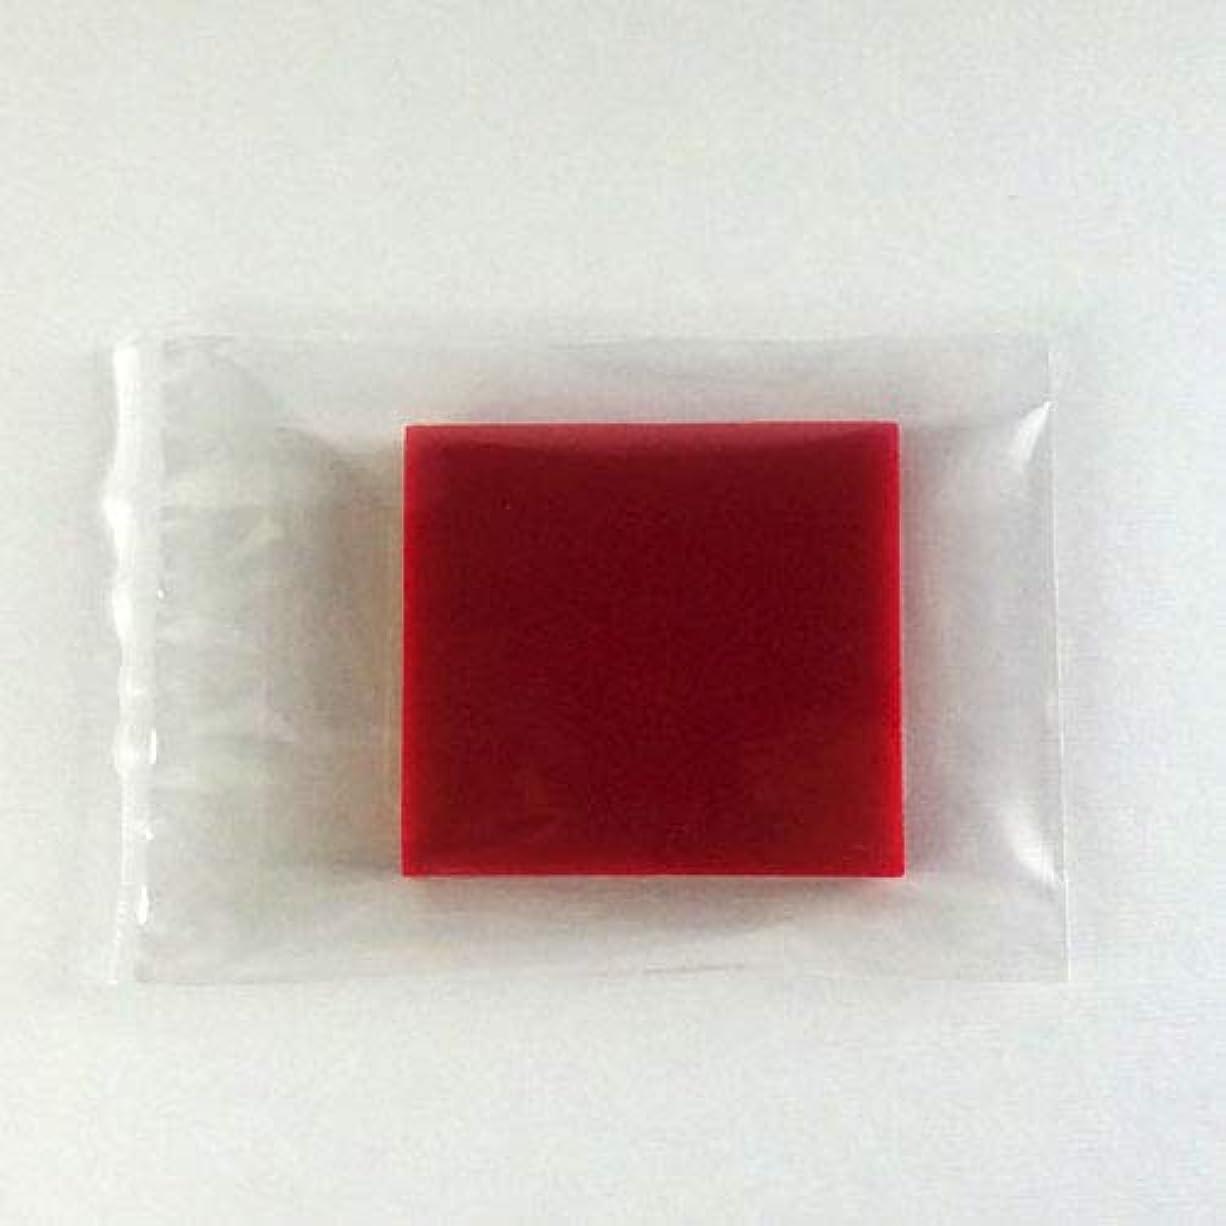 知恵トランスペアレントダイヤルグリセリンソープ MPソープ 色チップ 赤(レッド) 120g(30g x 4pc)